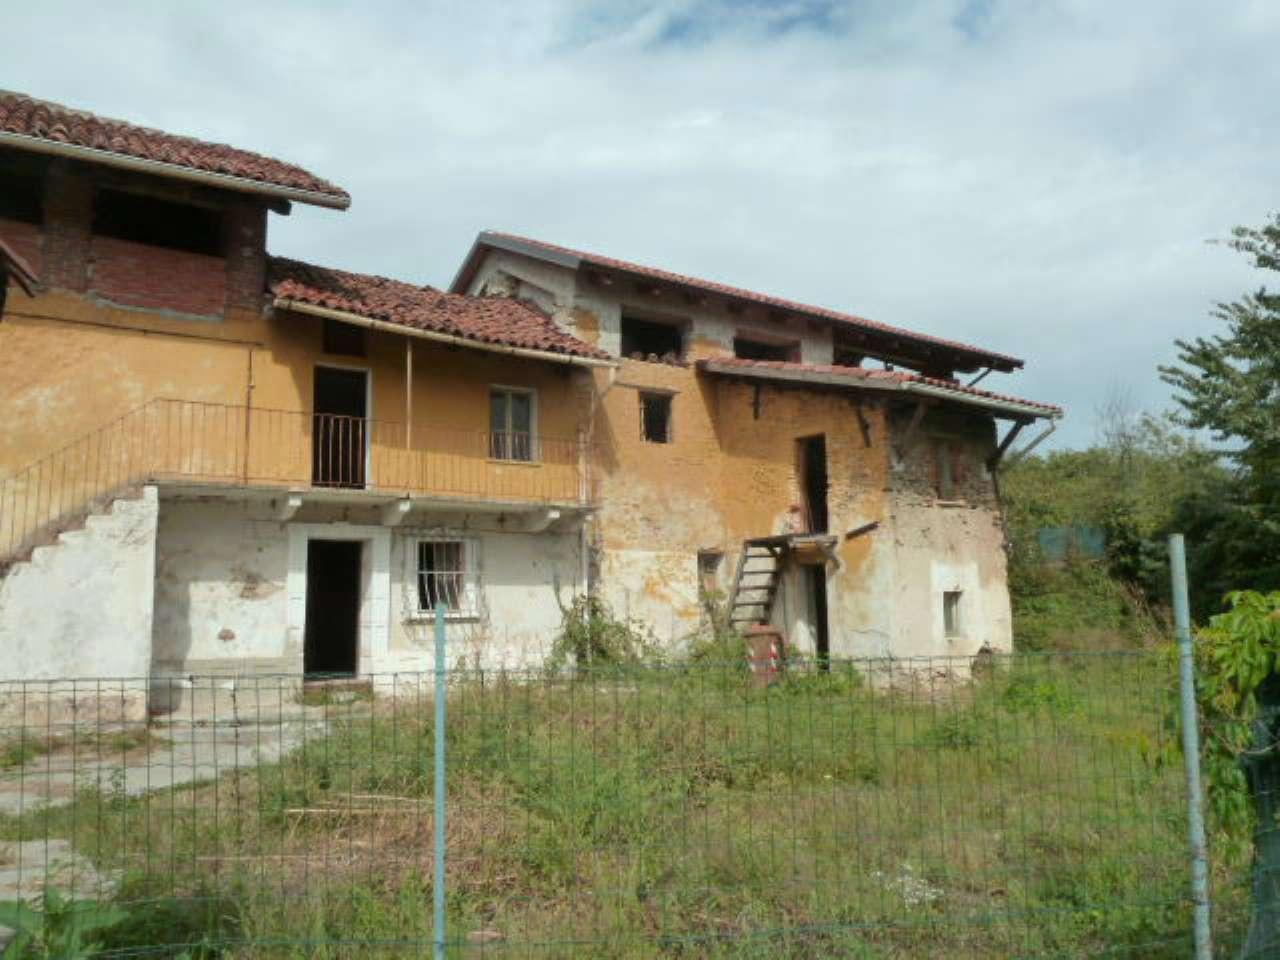 Soluzione Indipendente in vendita a Trana, 4 locali, prezzo € 36.000 | CambioCasa.it